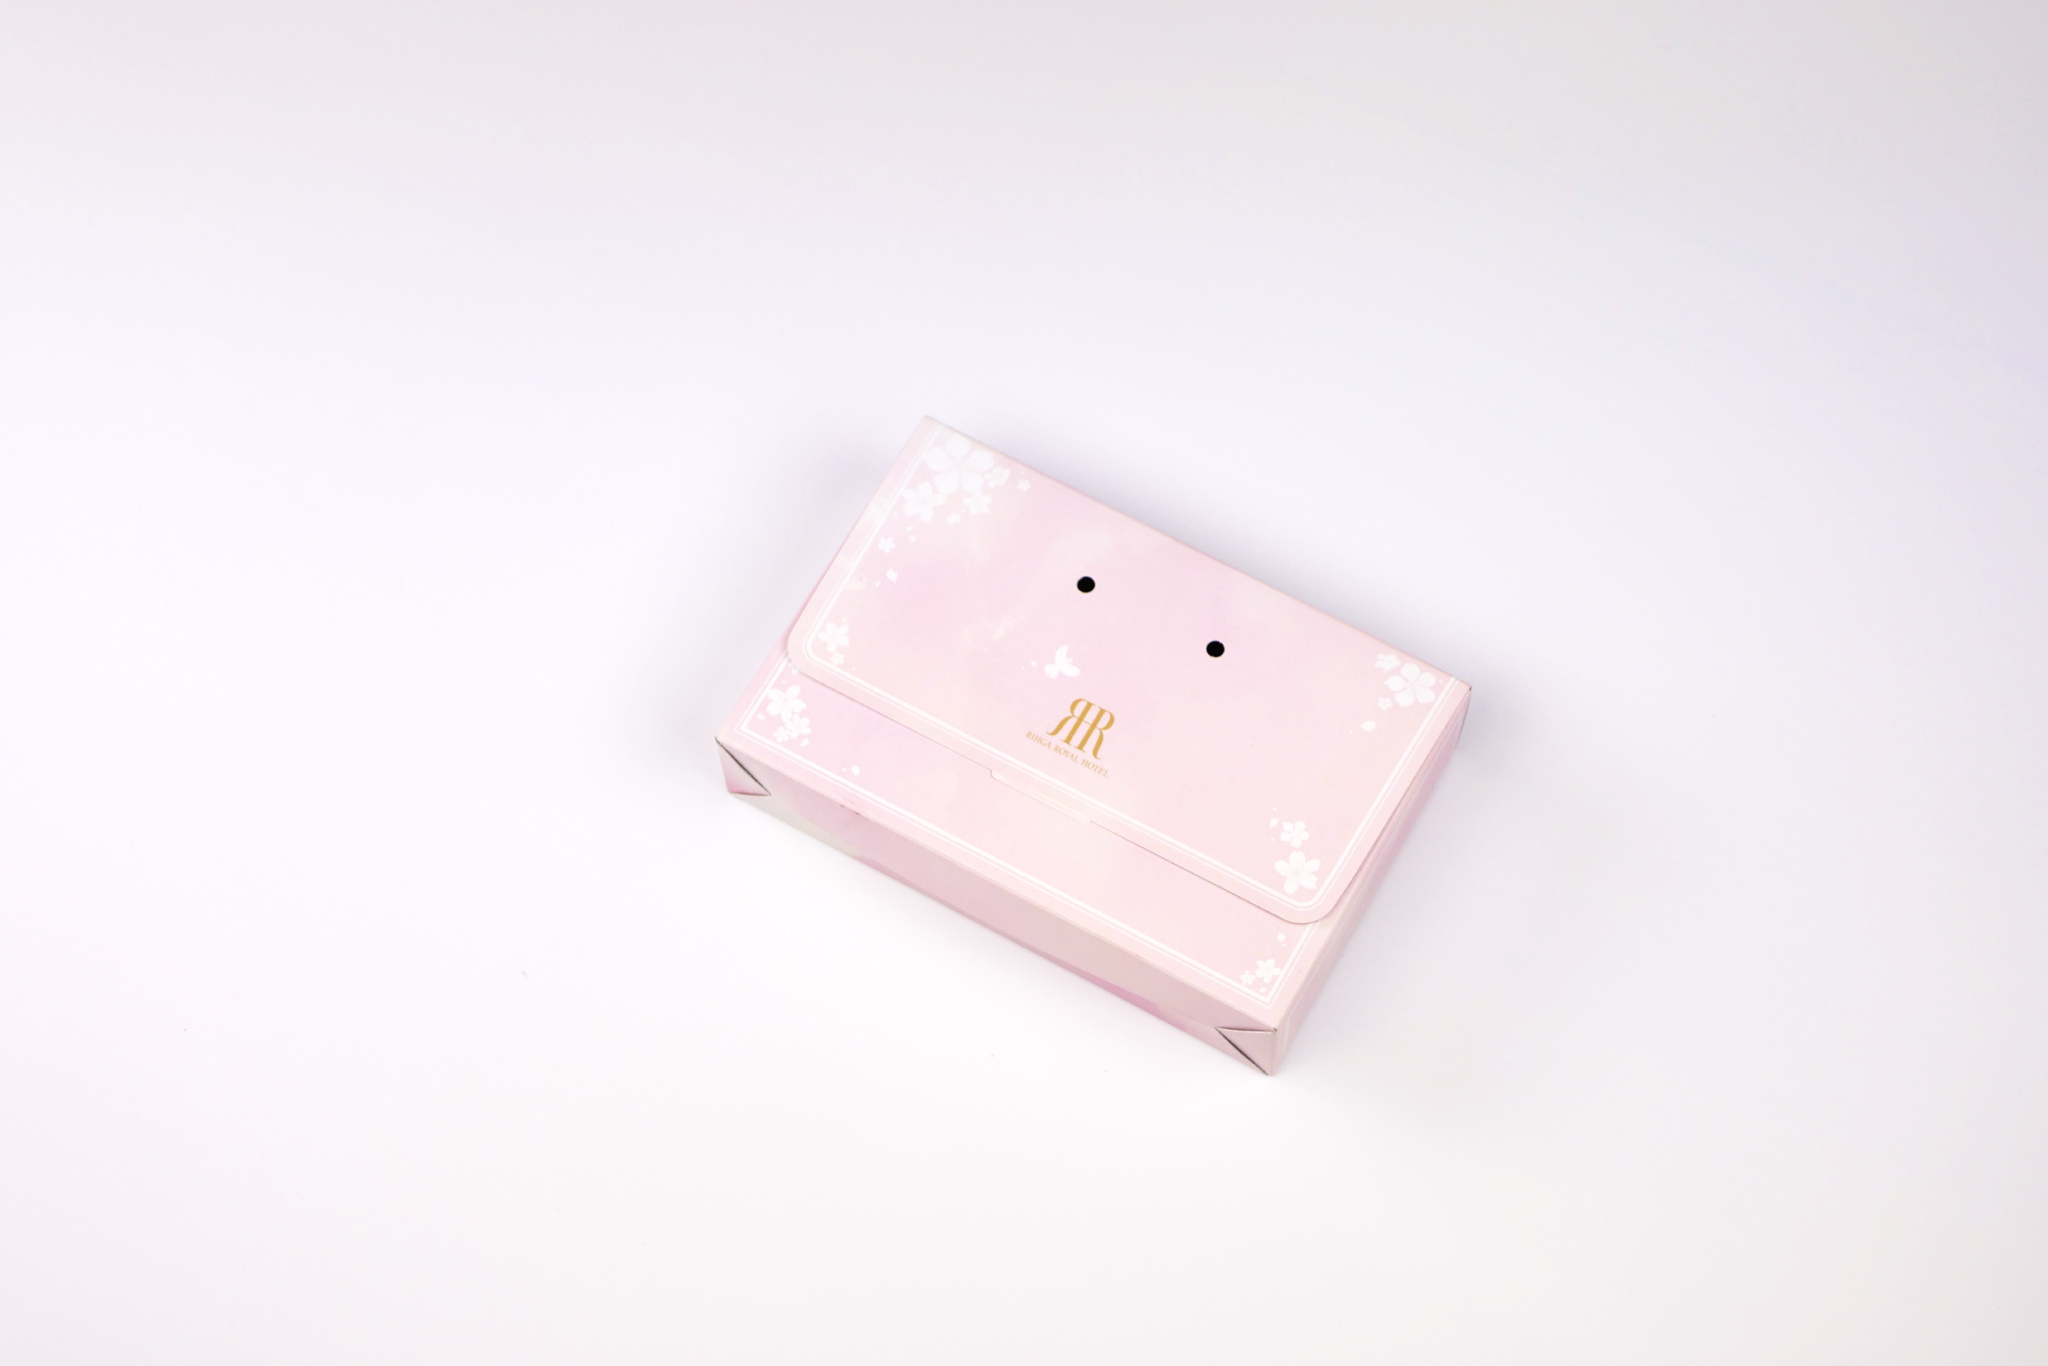 オリジナルパッケージ|ホワイトデー|お菓子|焼き菓子|紙箱|トムソン箱